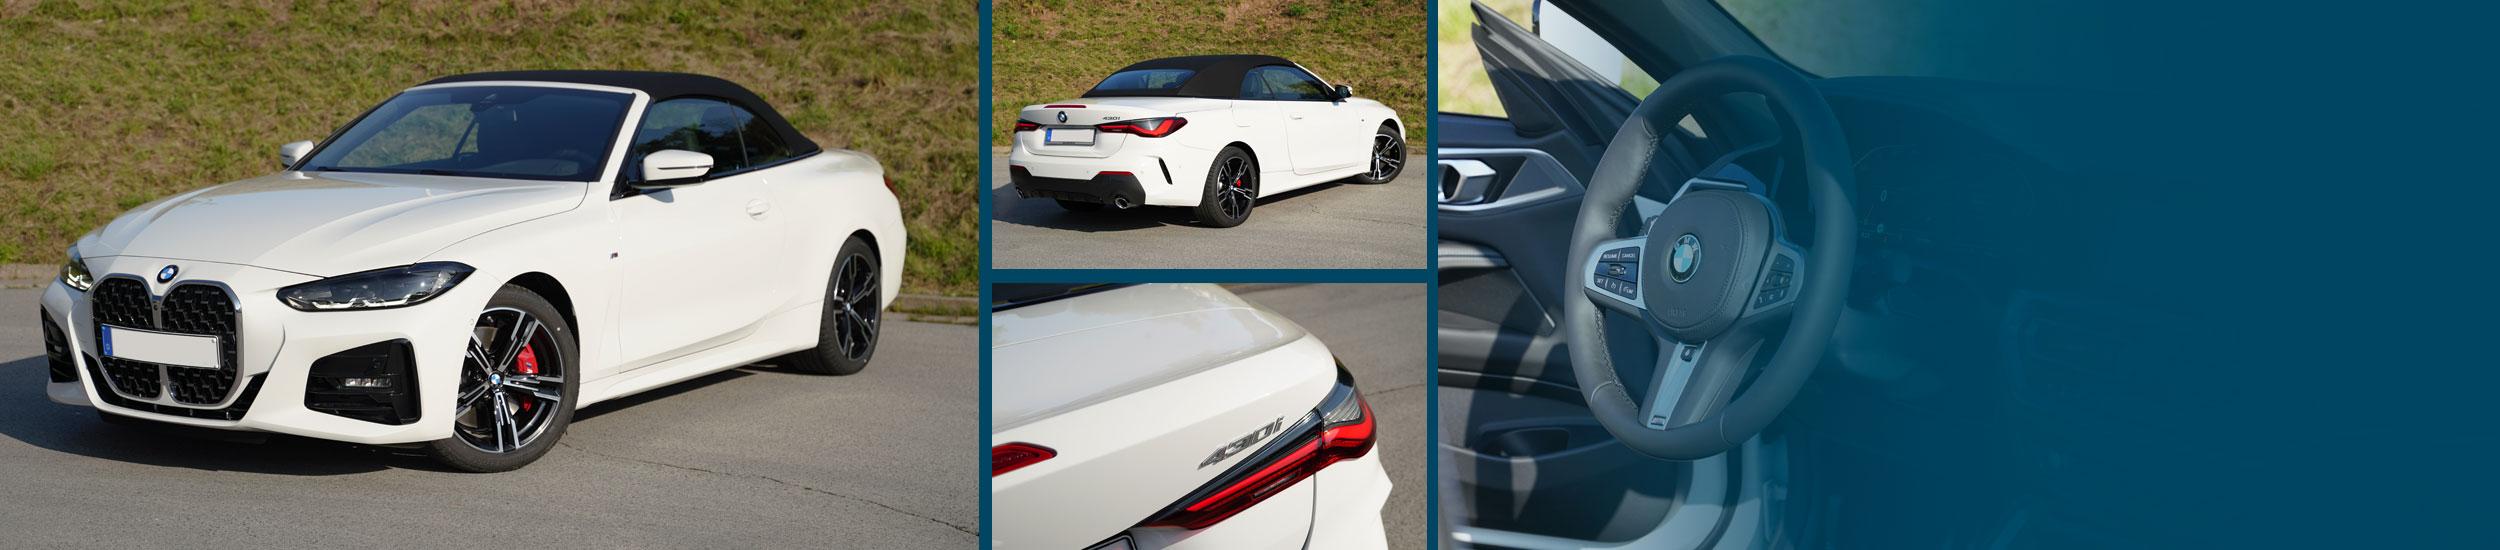 Sparmobile-BMW-430I-CABRIO-2021-Neu